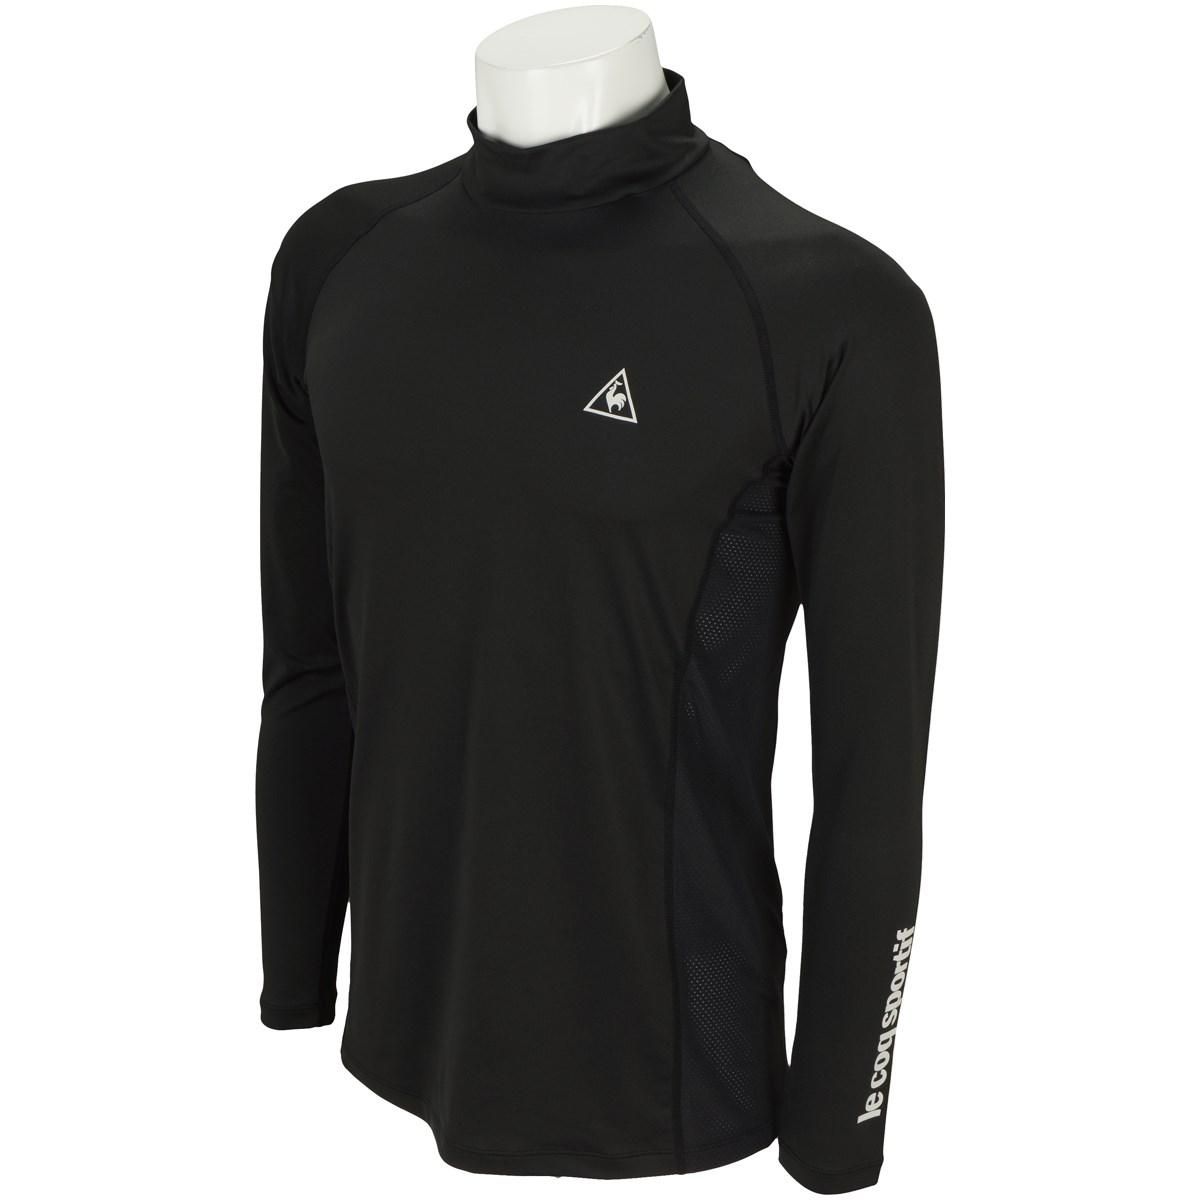 ルコックゴルフ Le coq sportif GOLF 長袖ハイネックインナーシャツ M ブラック 00